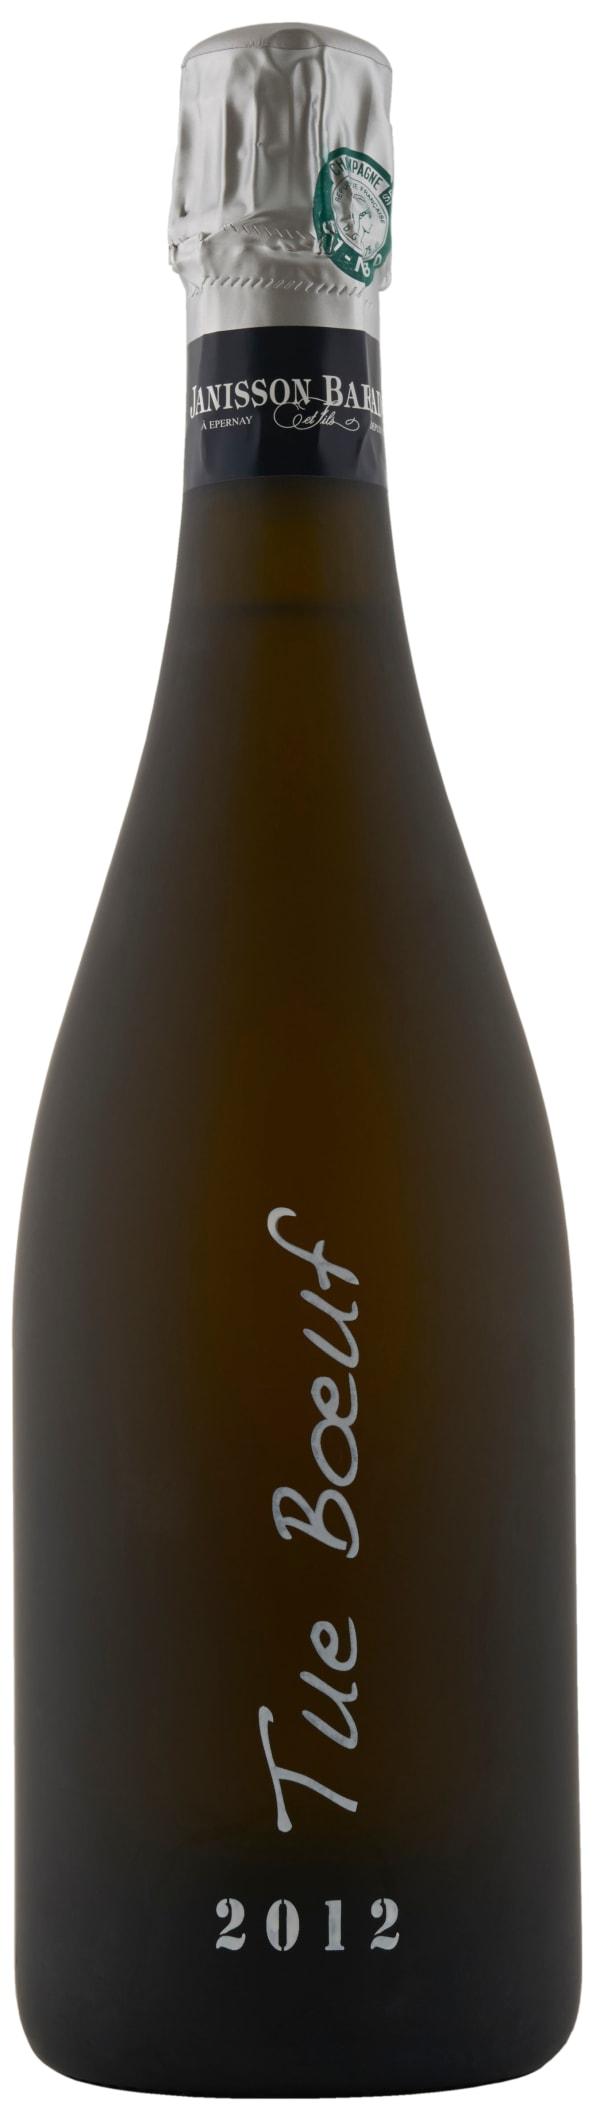 Janisson Baradon Tue Boeuf Champagne Extra Brut 2012